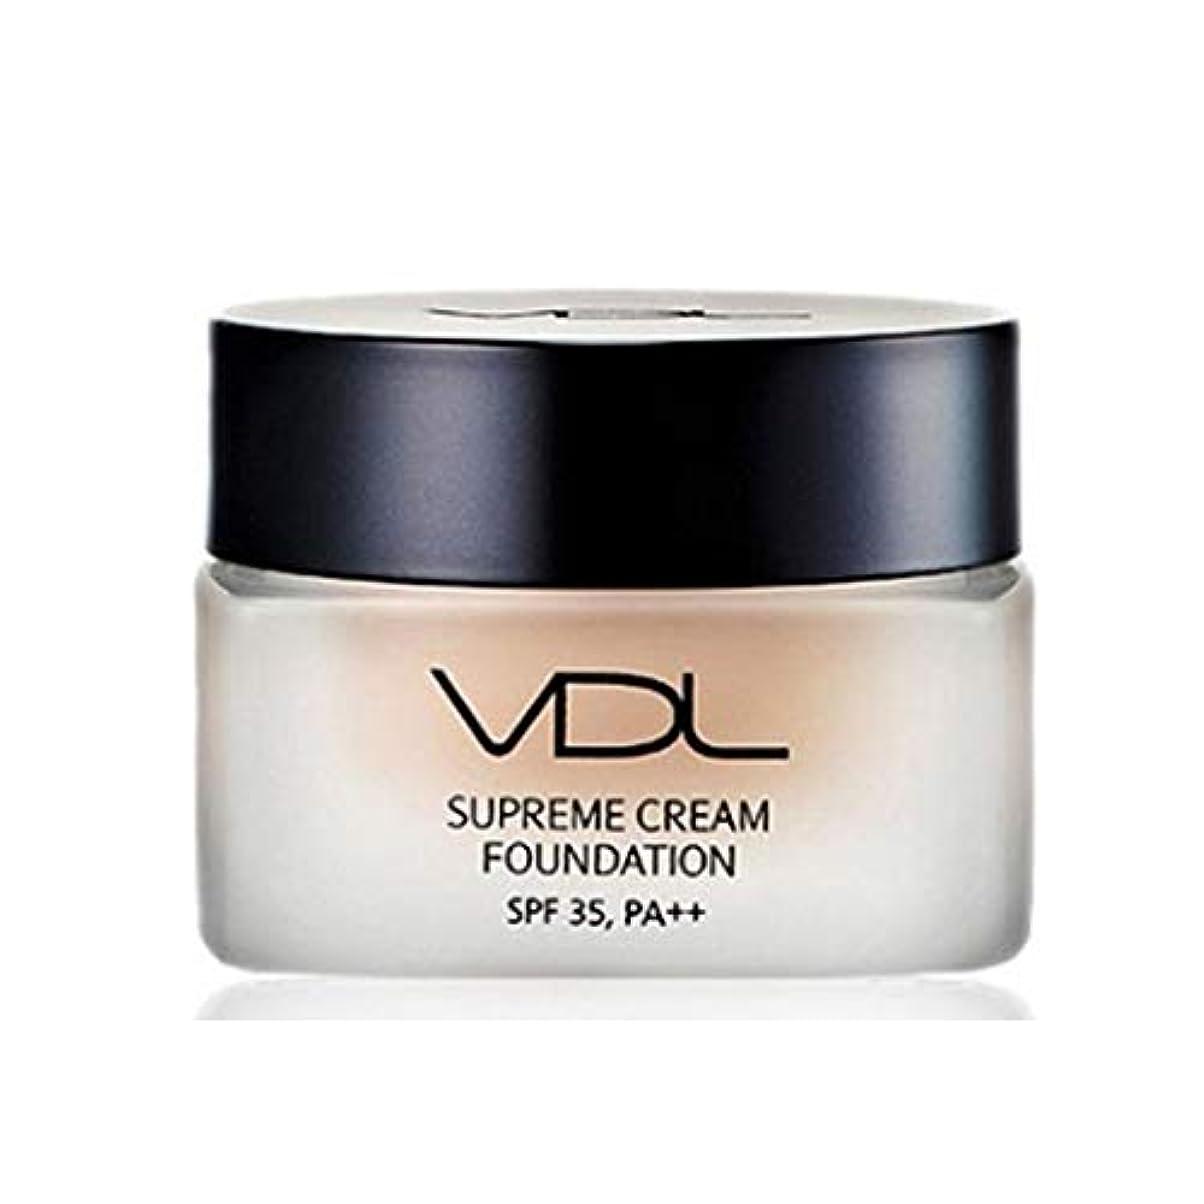 契約した曲がった疲労VDLスプリームクリームファンデーション30ml SPF35 PA++ 4色、VDL Supreme Cream Foundation 30ml SPF35 PA++ 4 Colors [並行輸入品] (A02)